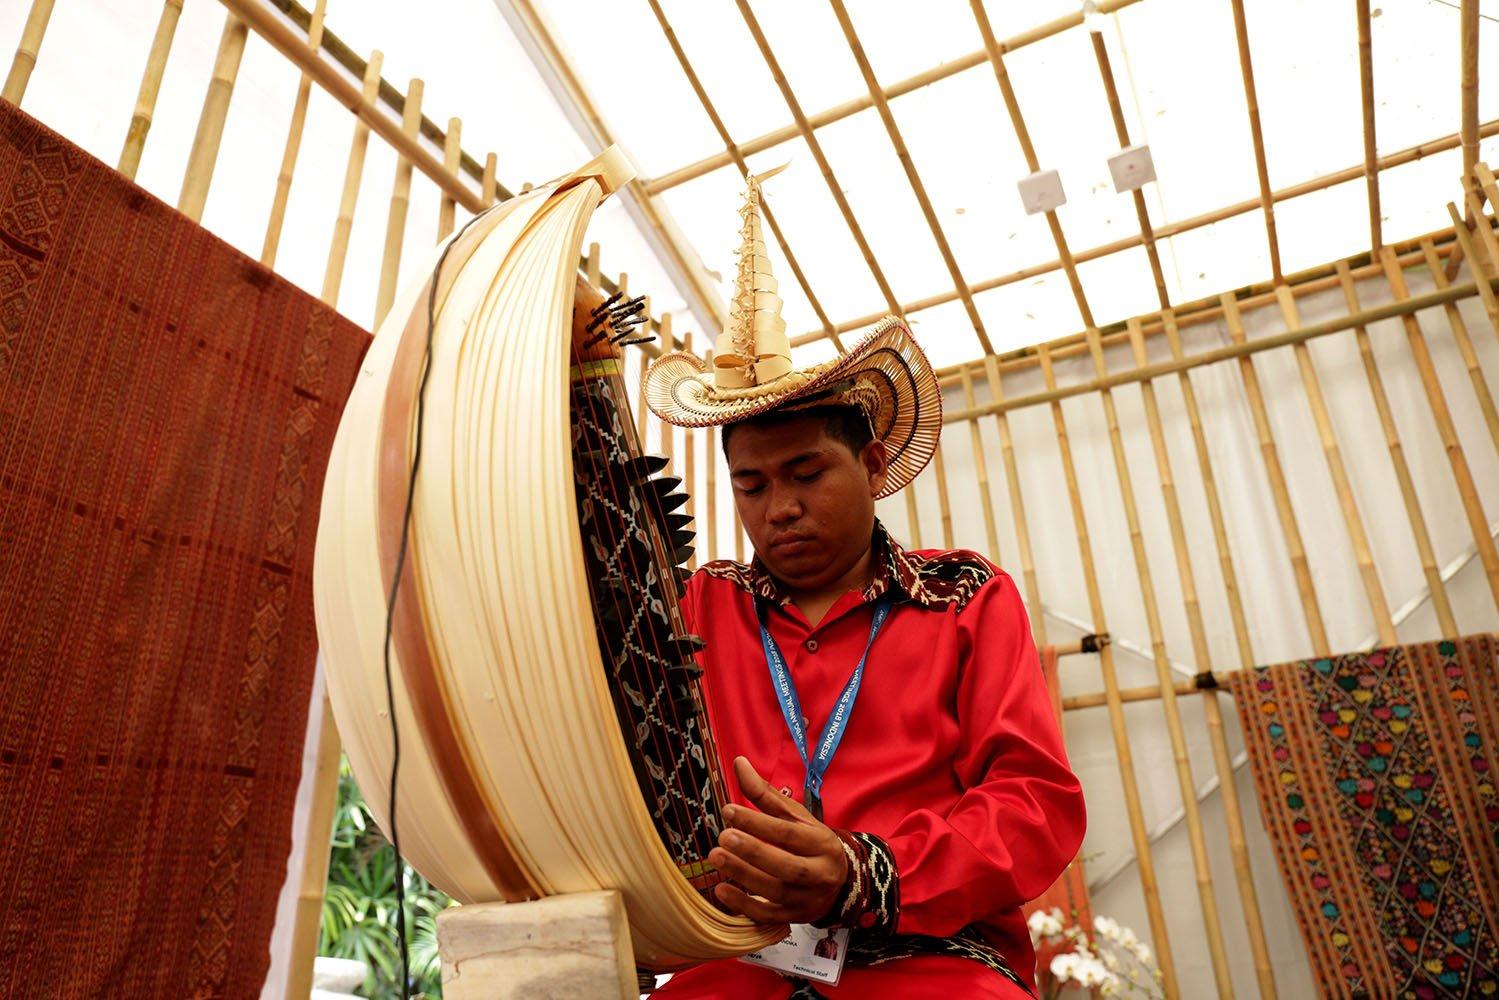 Paviliun Indopnesia adalah area khusus di lokasi utama Pertemuan Tahunan Dana Moneter Internasional (IMF) - Bank Dunia (World Bank) 2018 Bali, di mana peserta dan delegasi disajikan pameran seni dan kerajinan, pameran wisata, dan ekspo infrastruktur Tanah Air.